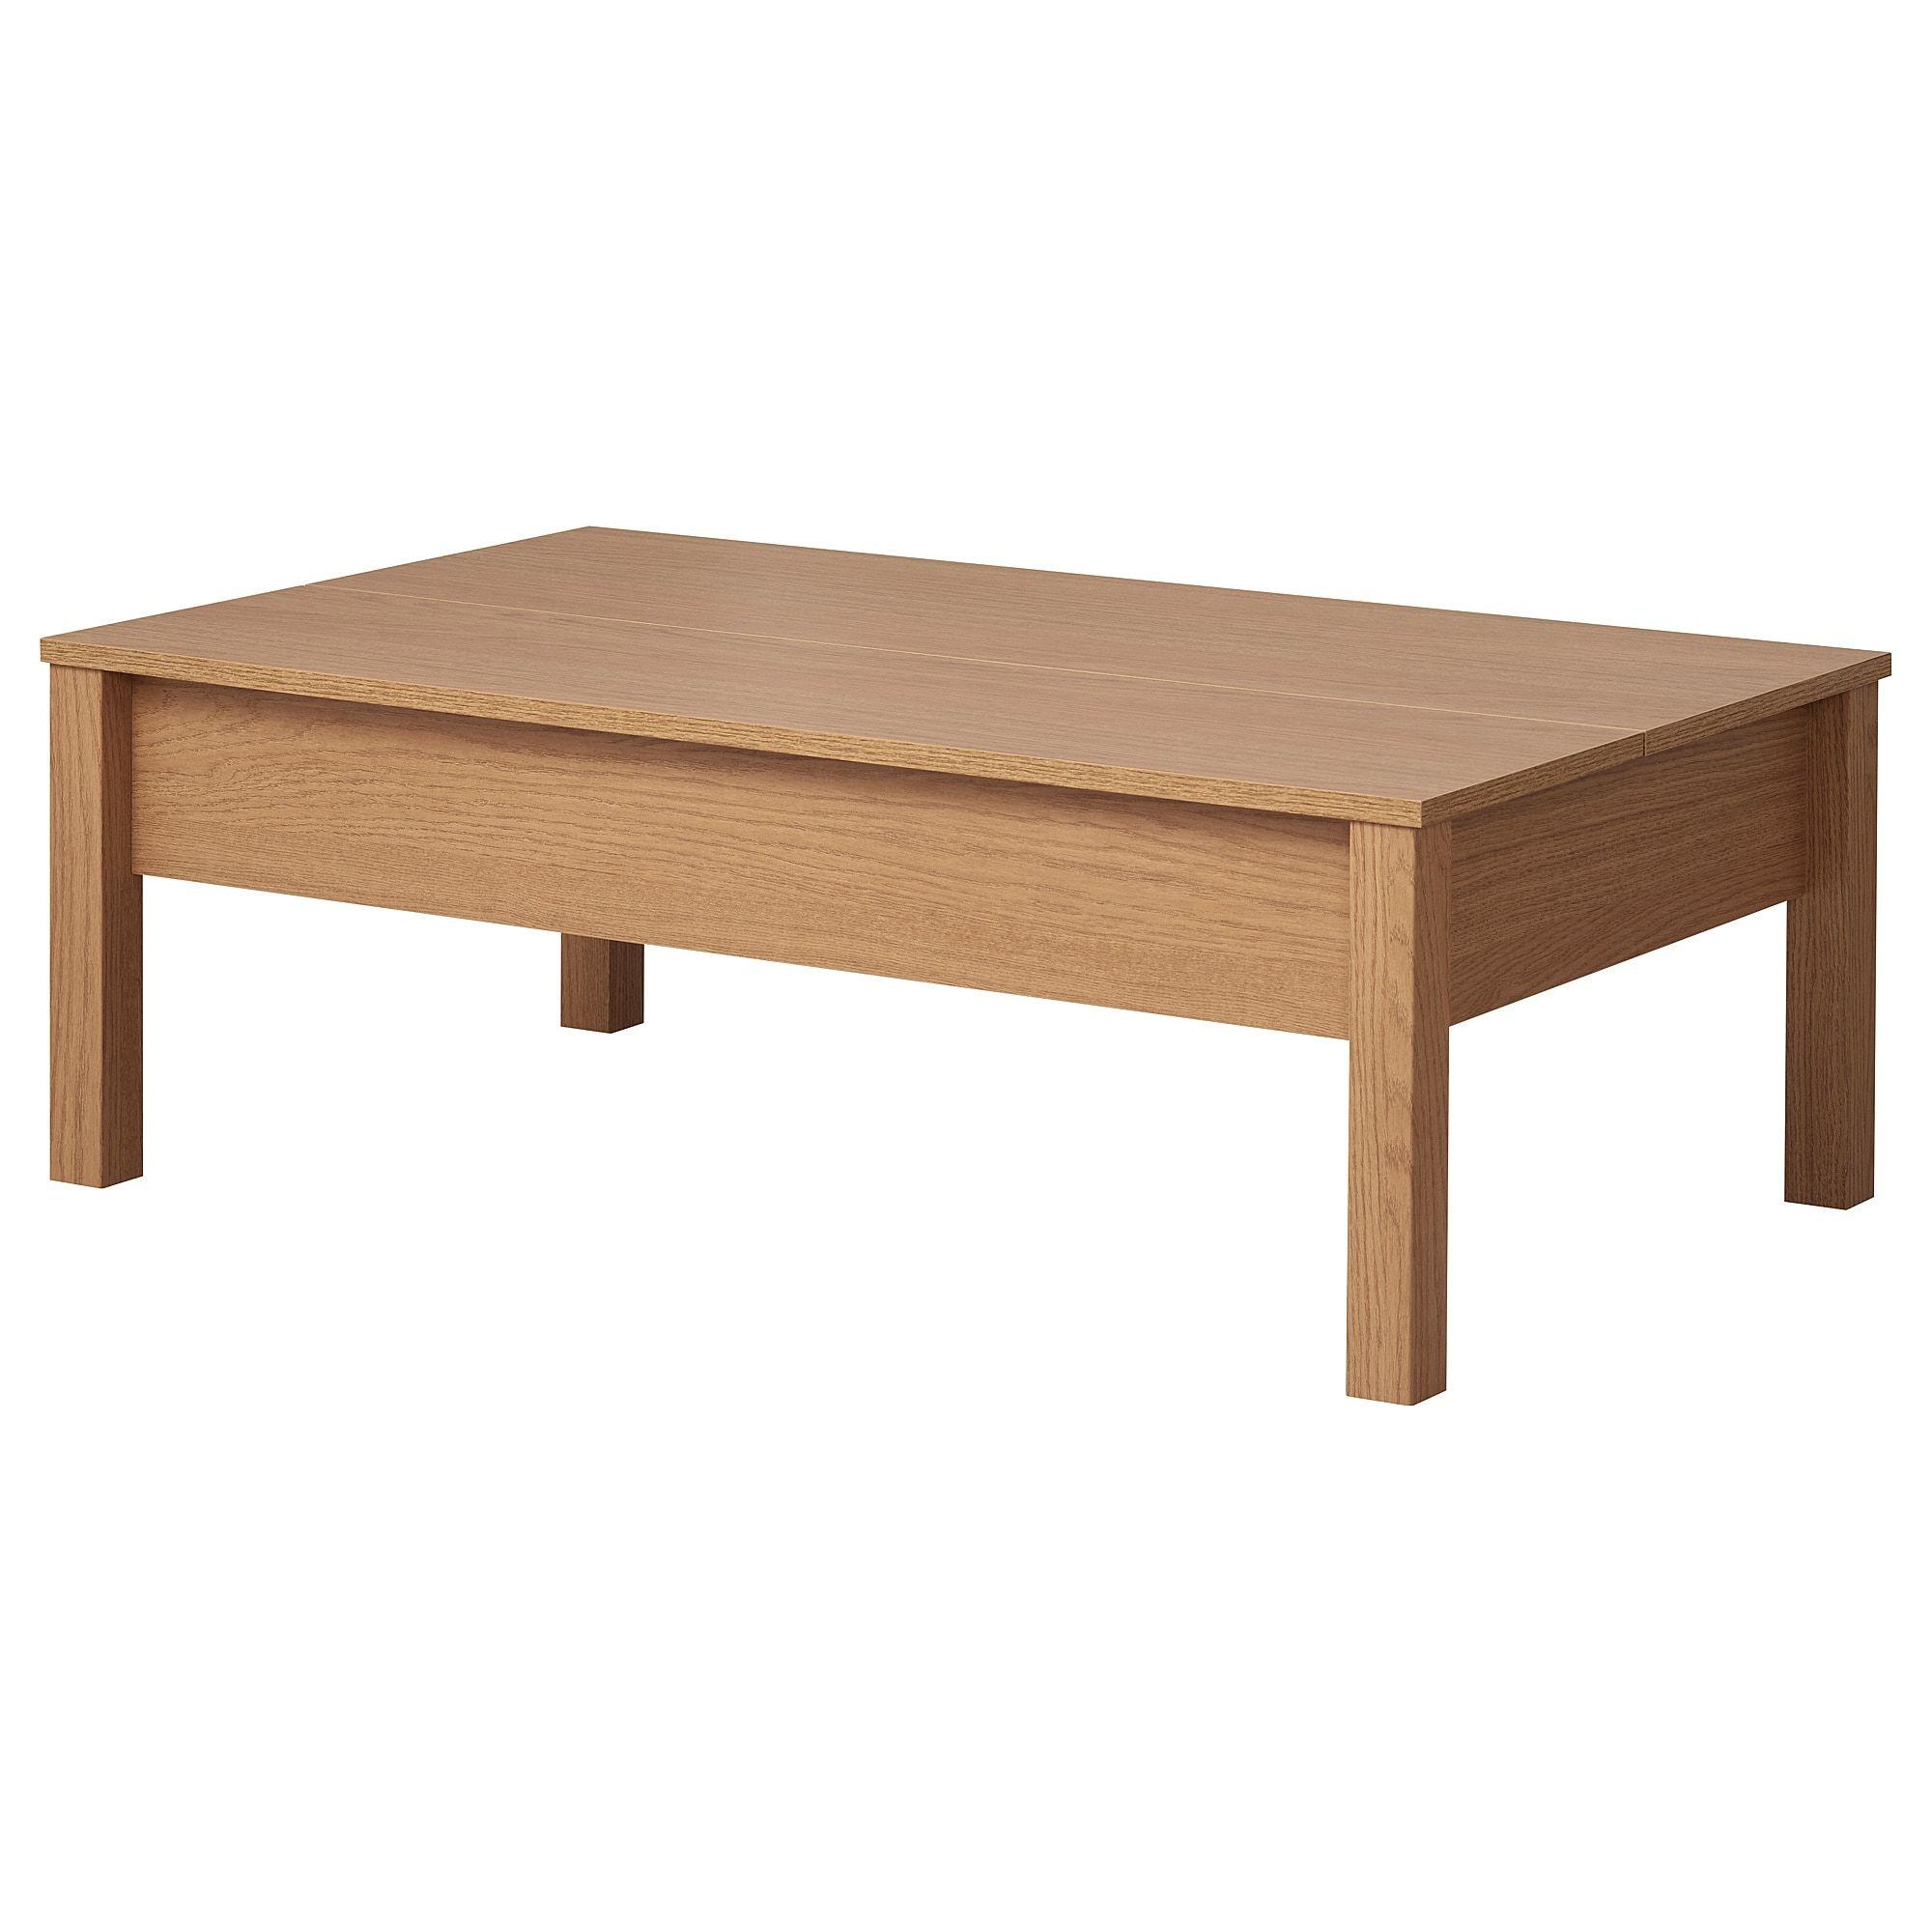 Trulstorp Coffee Table Oak Effect 115x70 Cm Ikea Ireland Coffee Table Ikea Table [ 2000 x 2000 Pixel ]